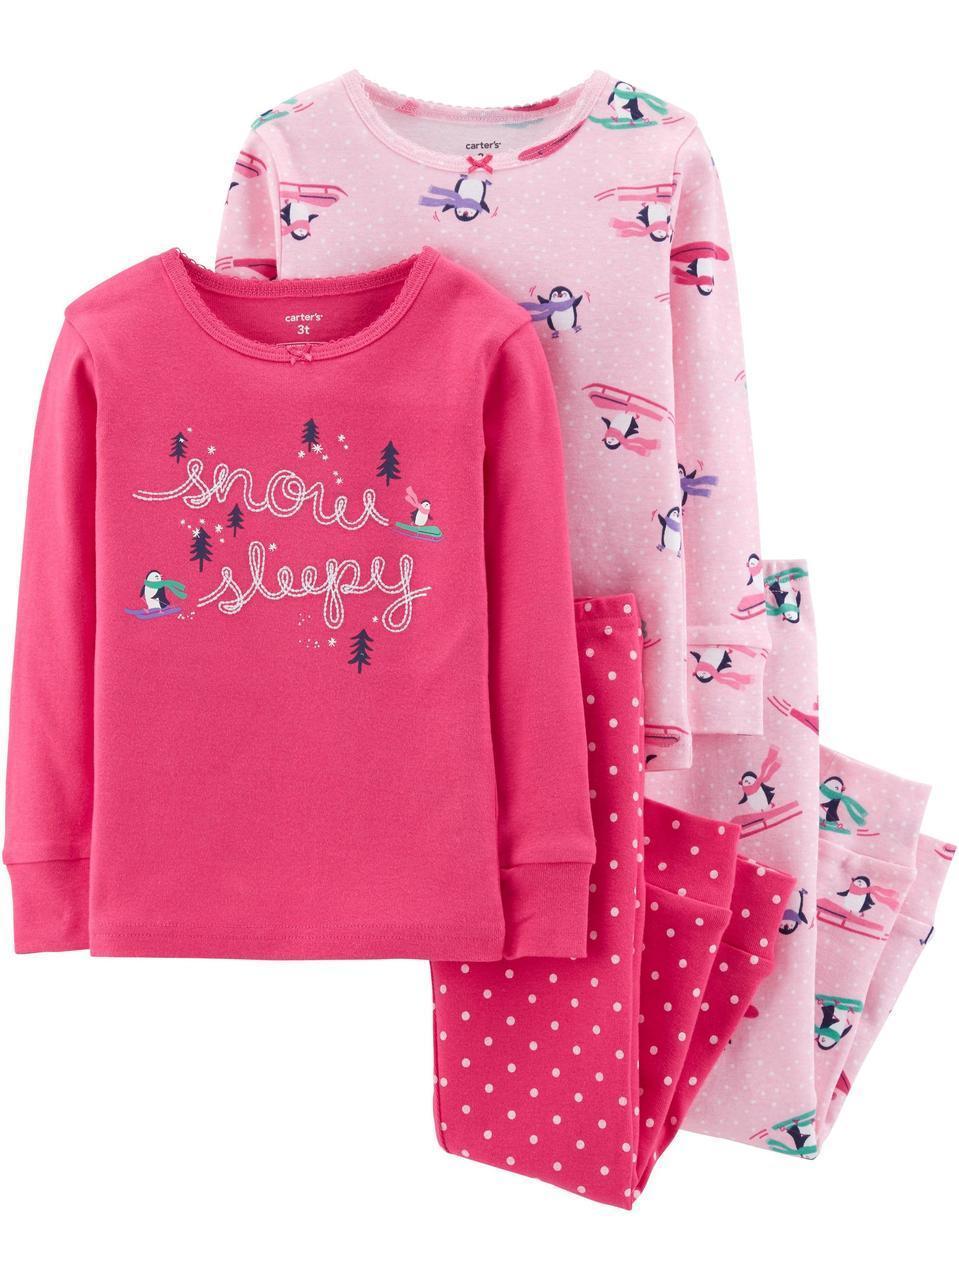 Пижама Картерс Carter's для девочки 2Т( 88- 93 см) розовая